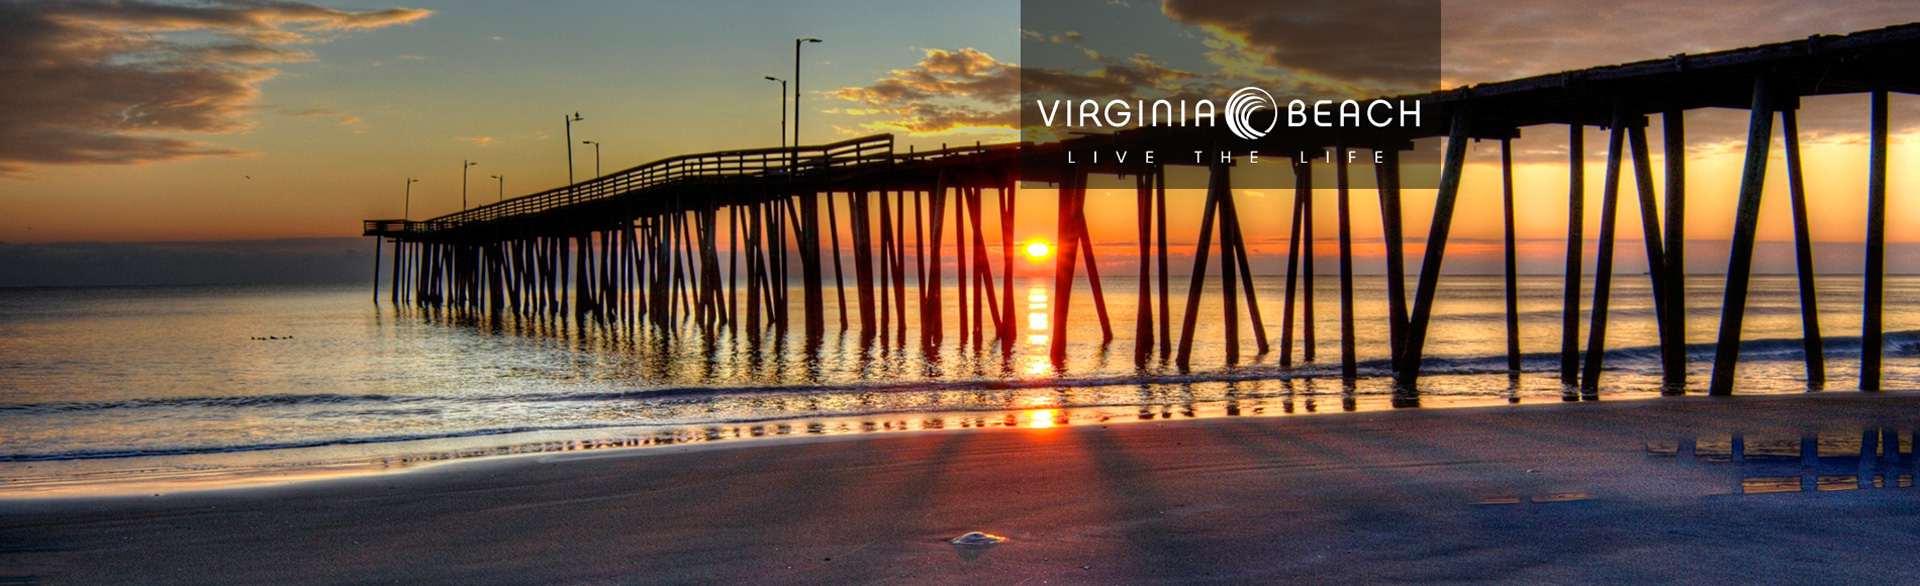 sliders_public_beaches_virginia